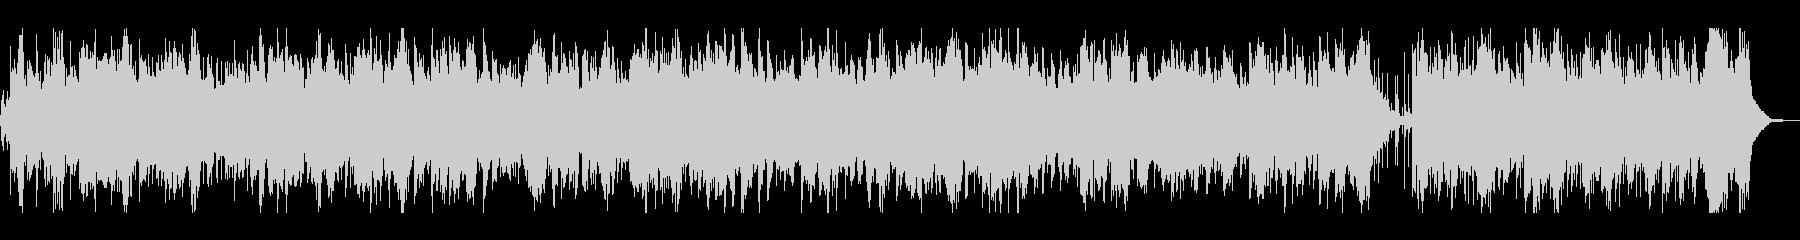 カントリー調POPのバイオリン曲の未再生の波形